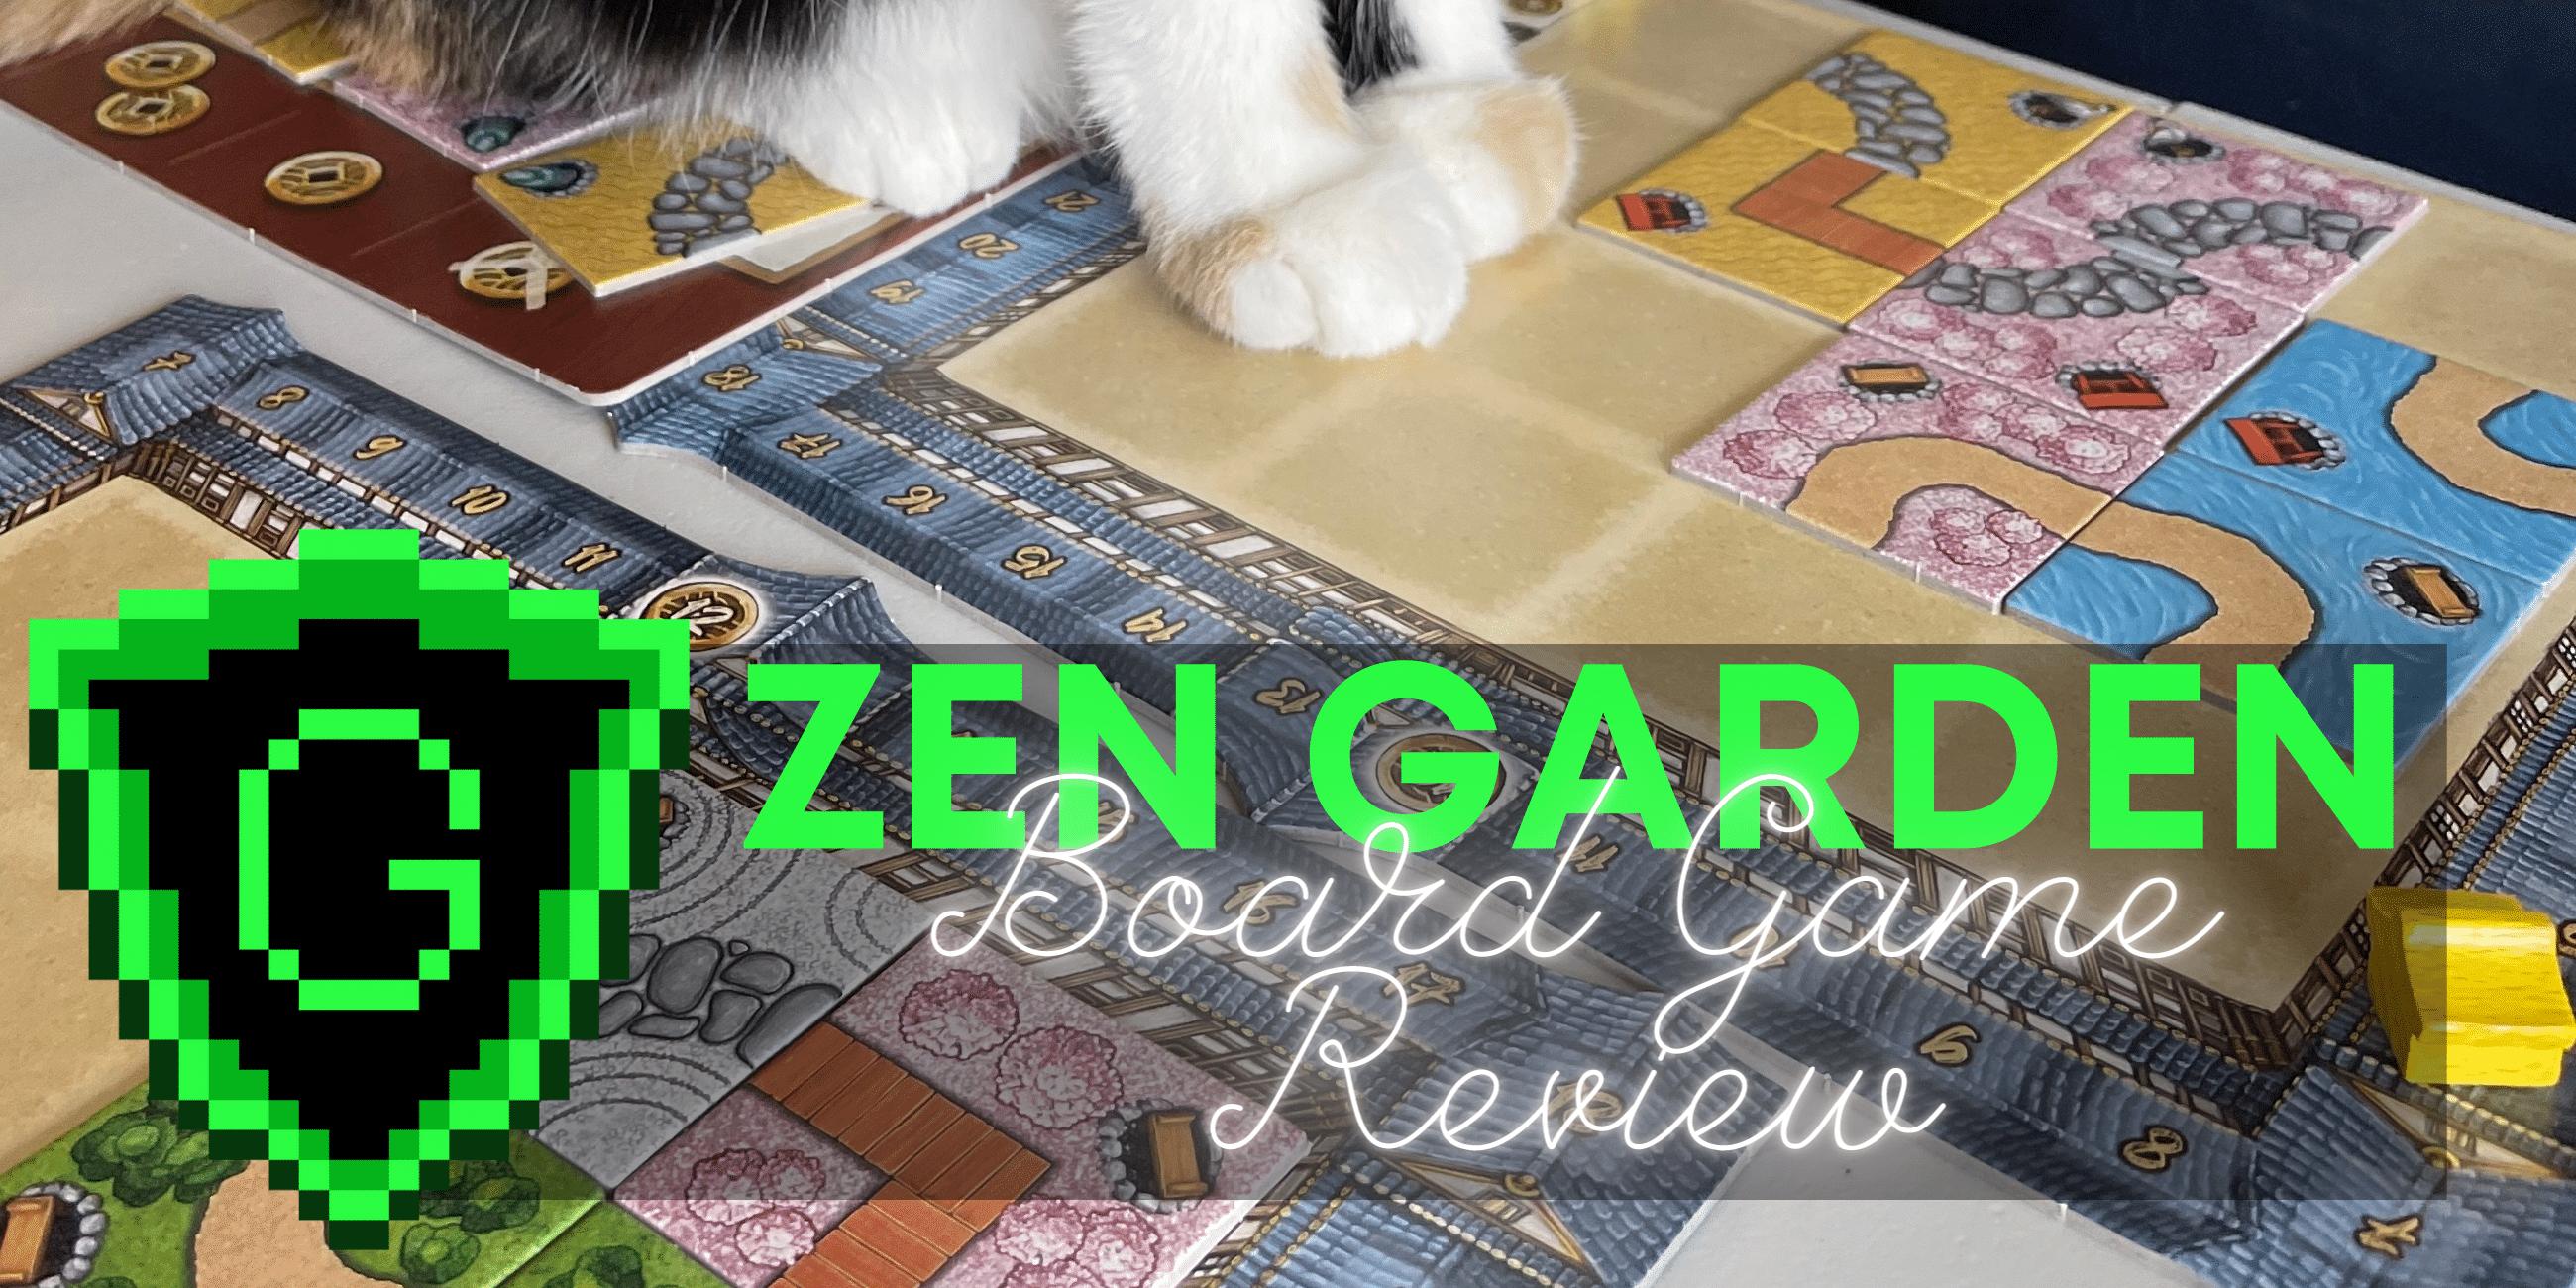 Zen Garden: The Zenist Board Game